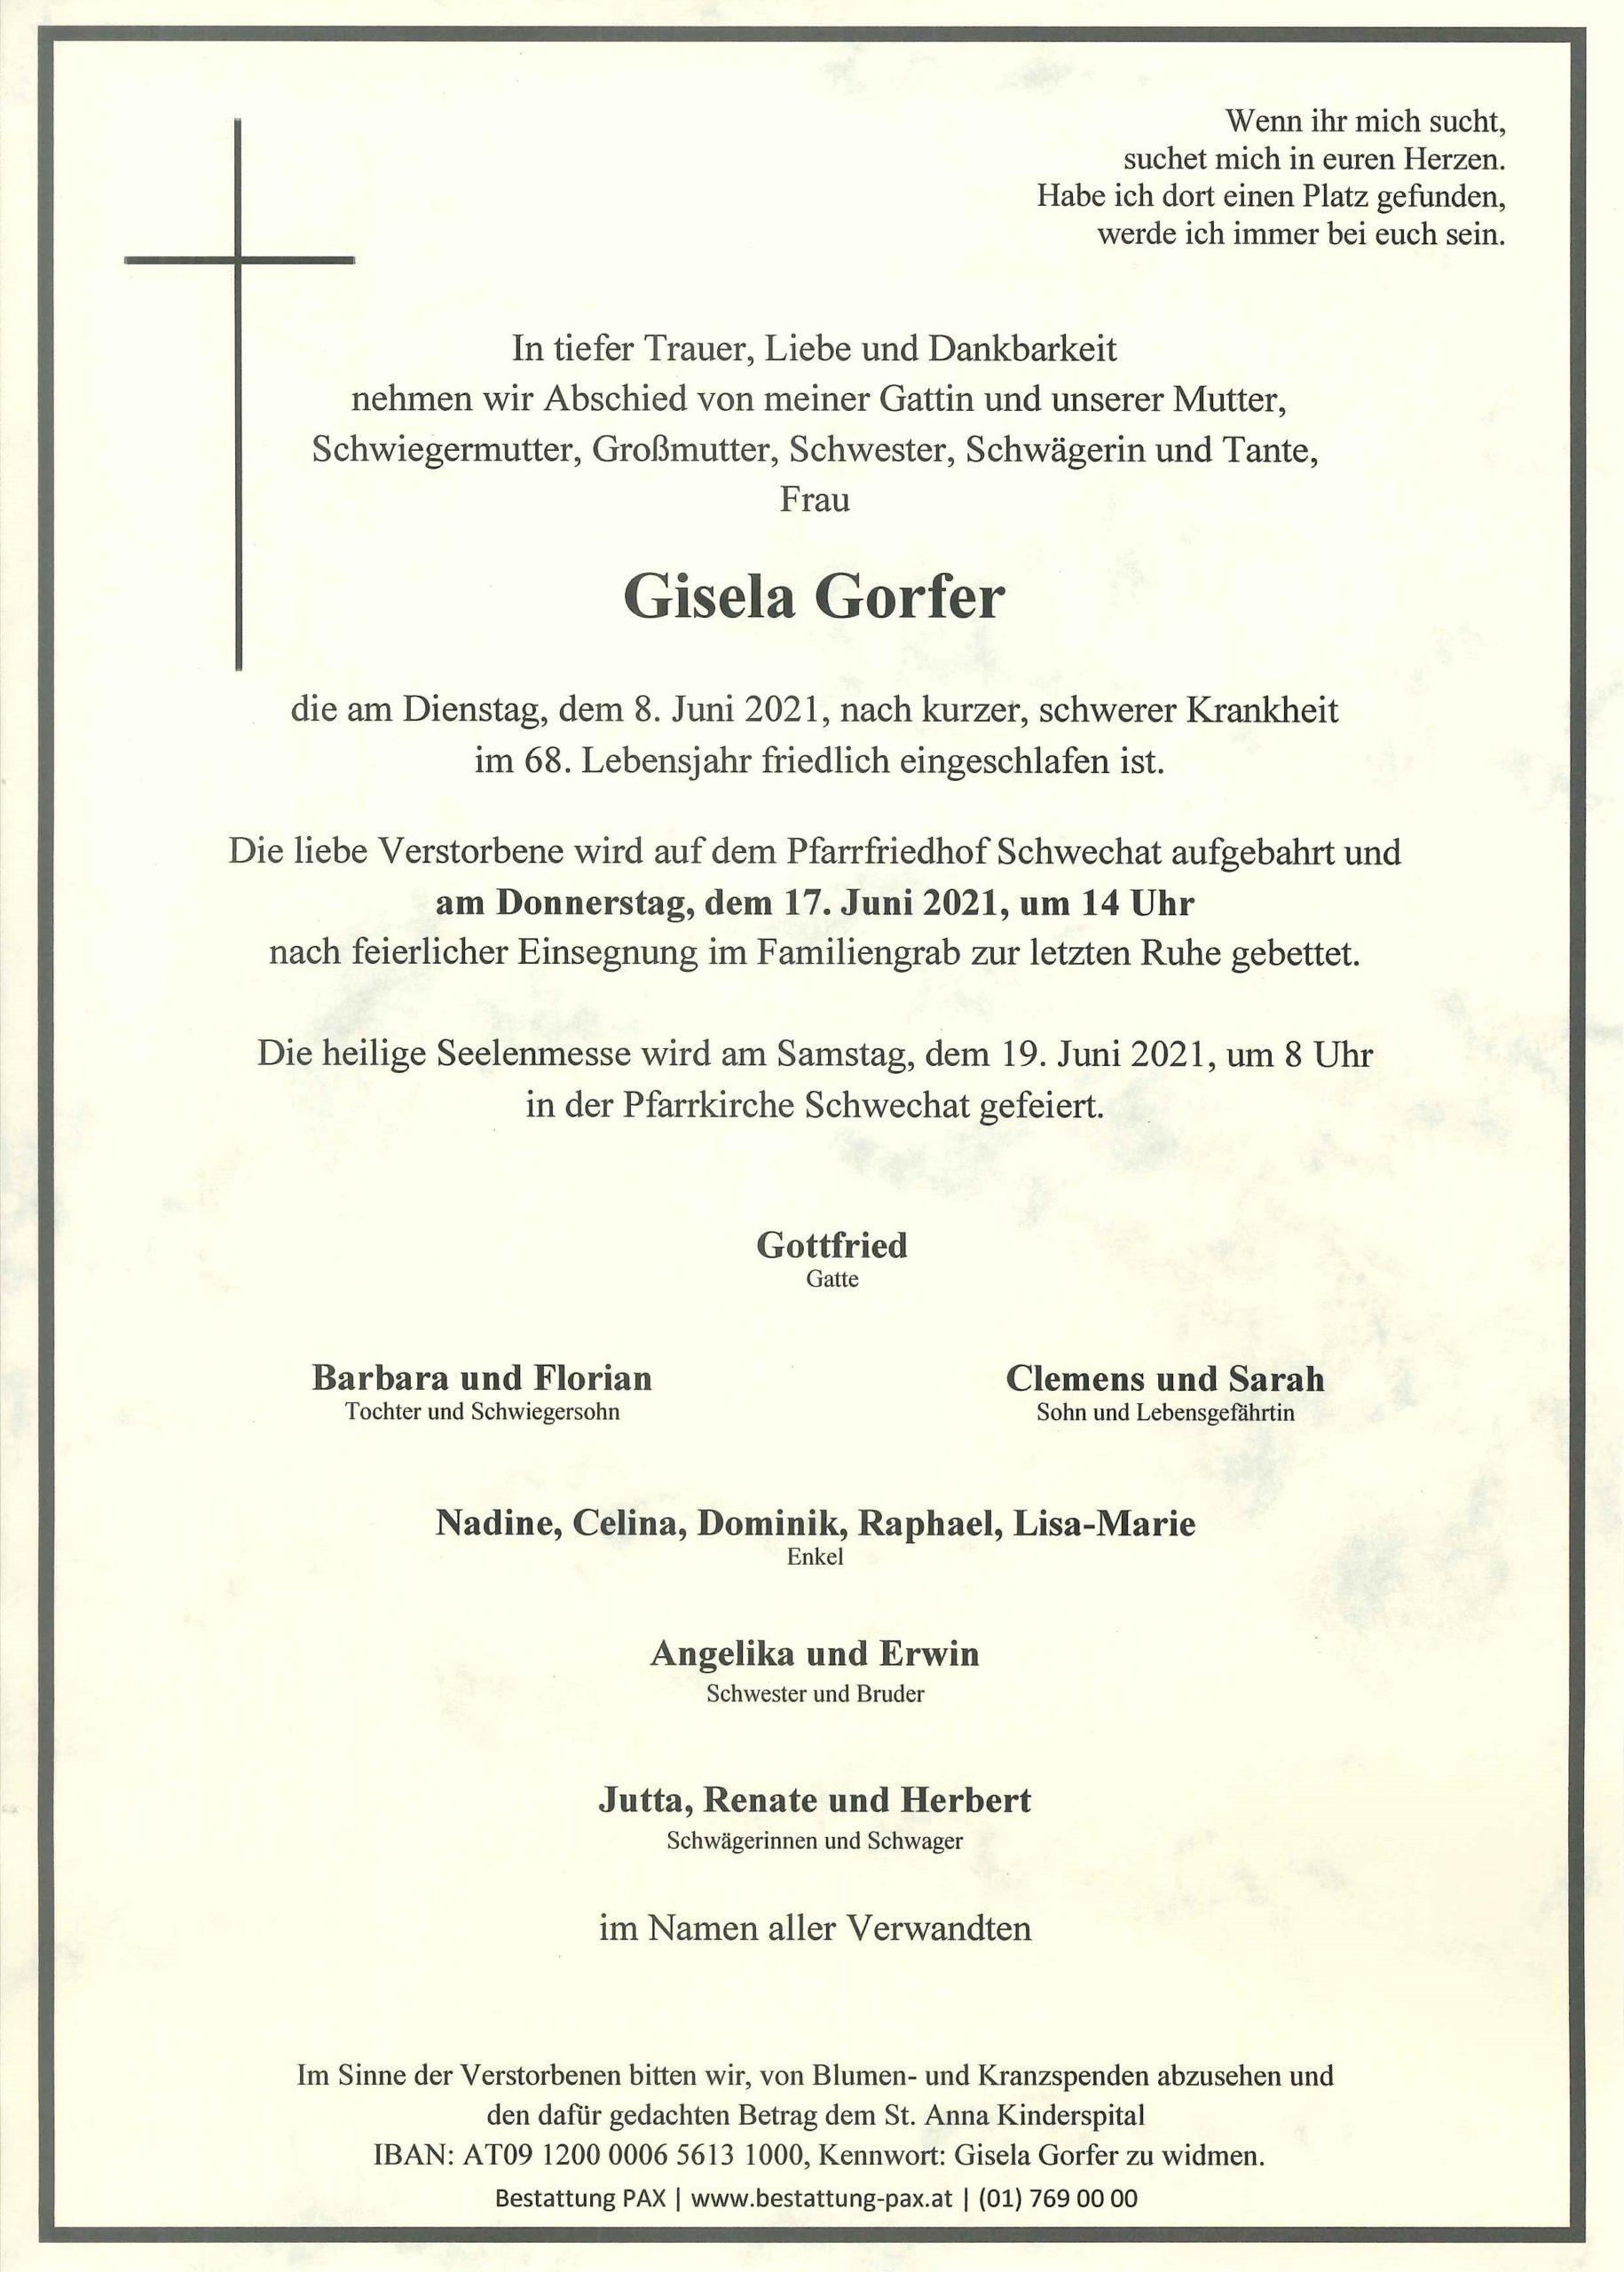 Gisela Gorfer